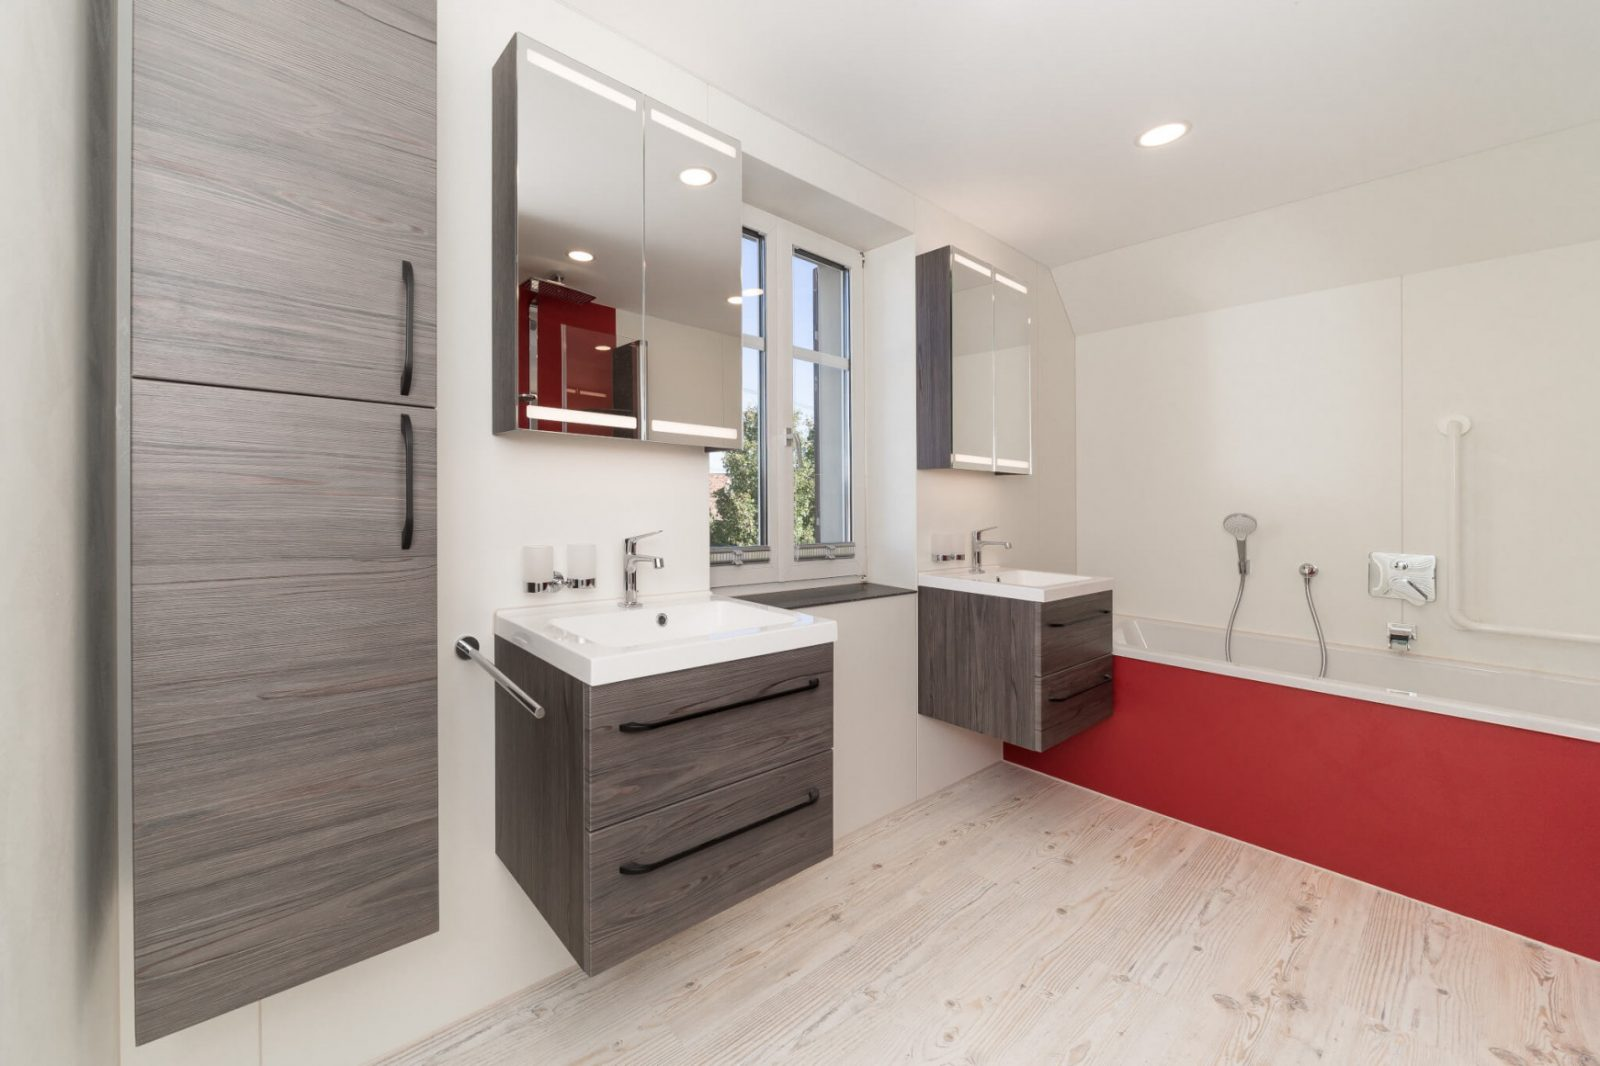 Badezimmer Ideen – Badsanierung  Badrenovierung von Kleines Bad Renovieren Ideen Bild